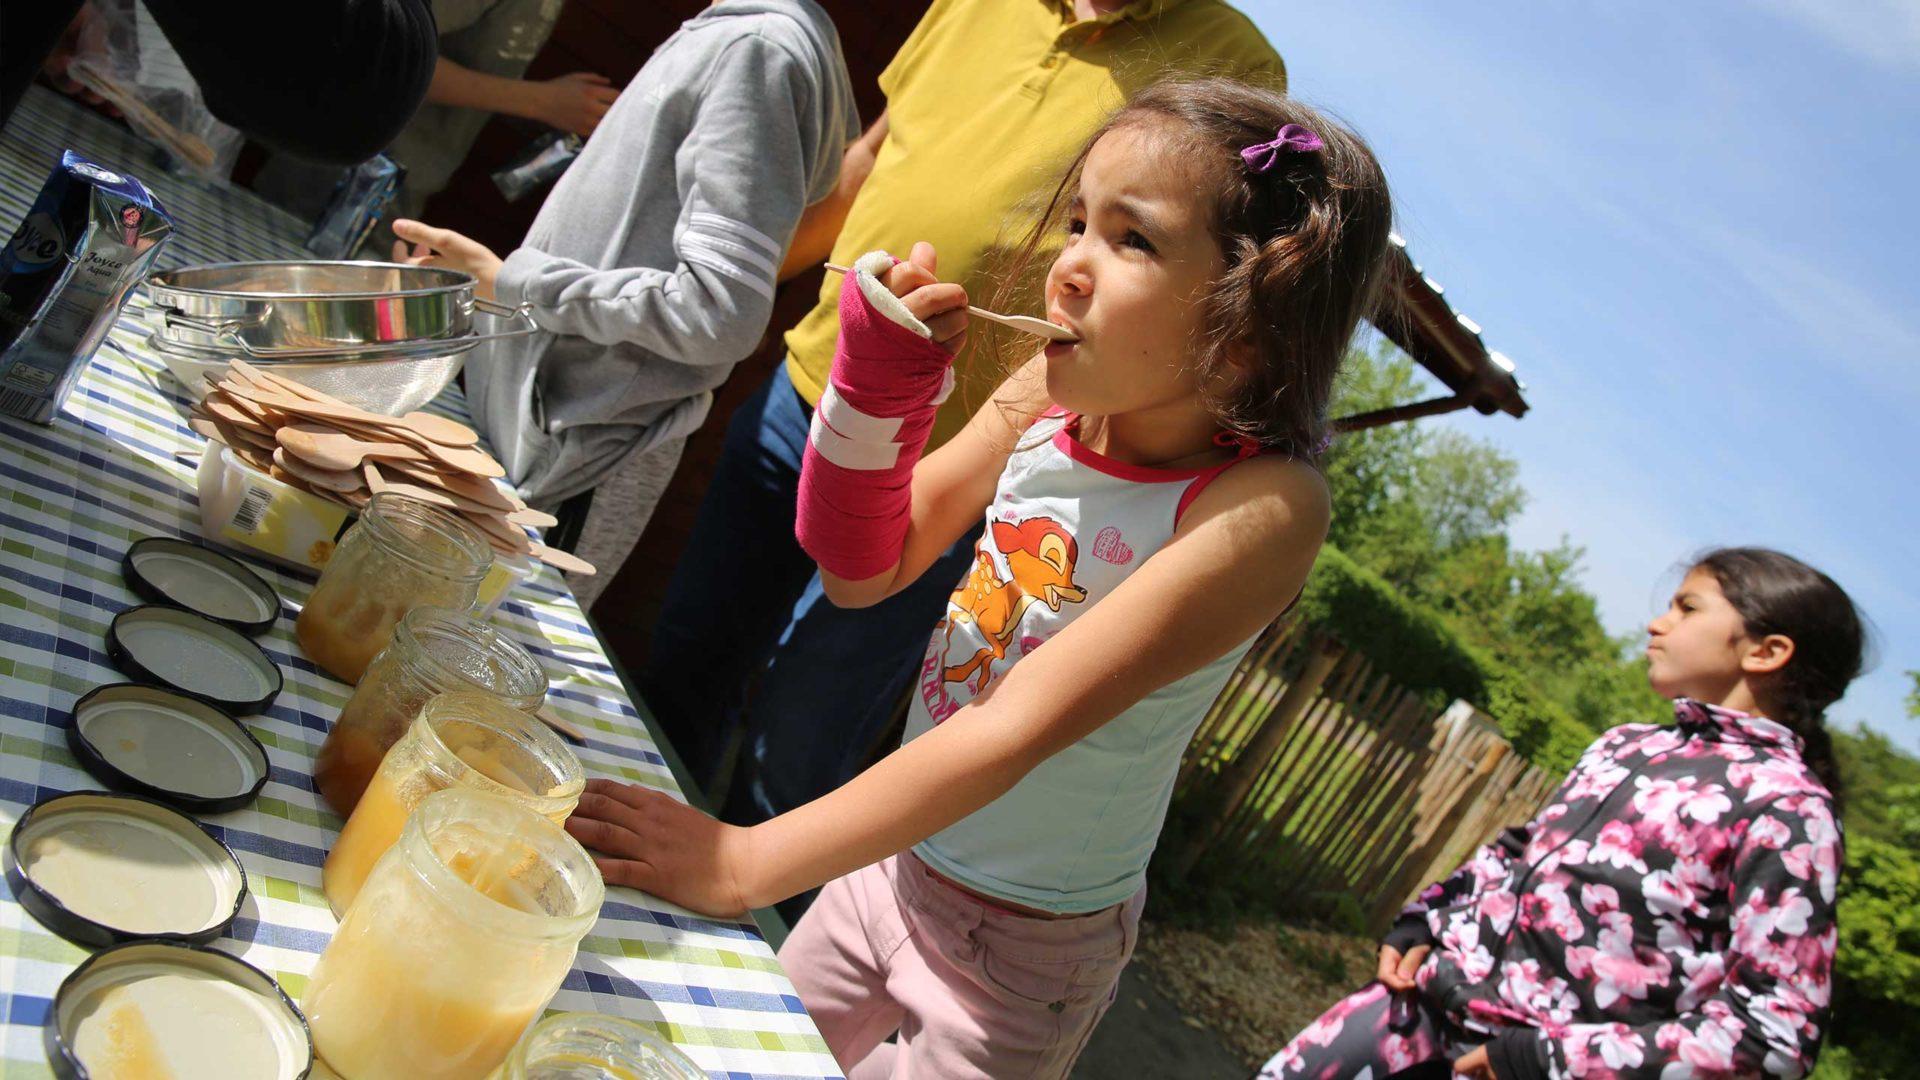 Aktion Mahlzeit bei den Imkern. Die Kindern dürfen verschiedenen Honig probieren. Sieht lecker aus!